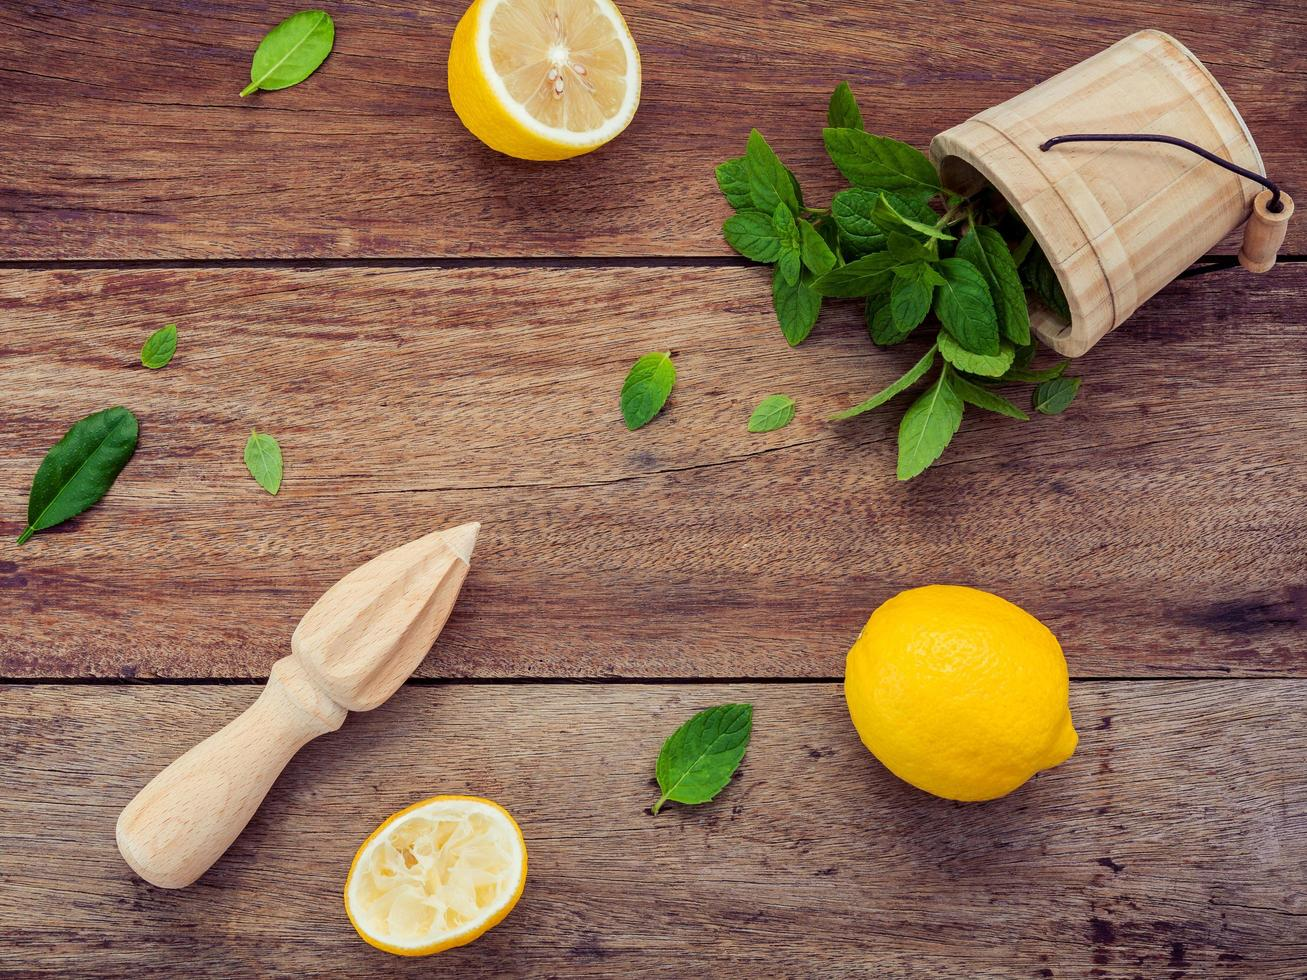 citron och mynta foto